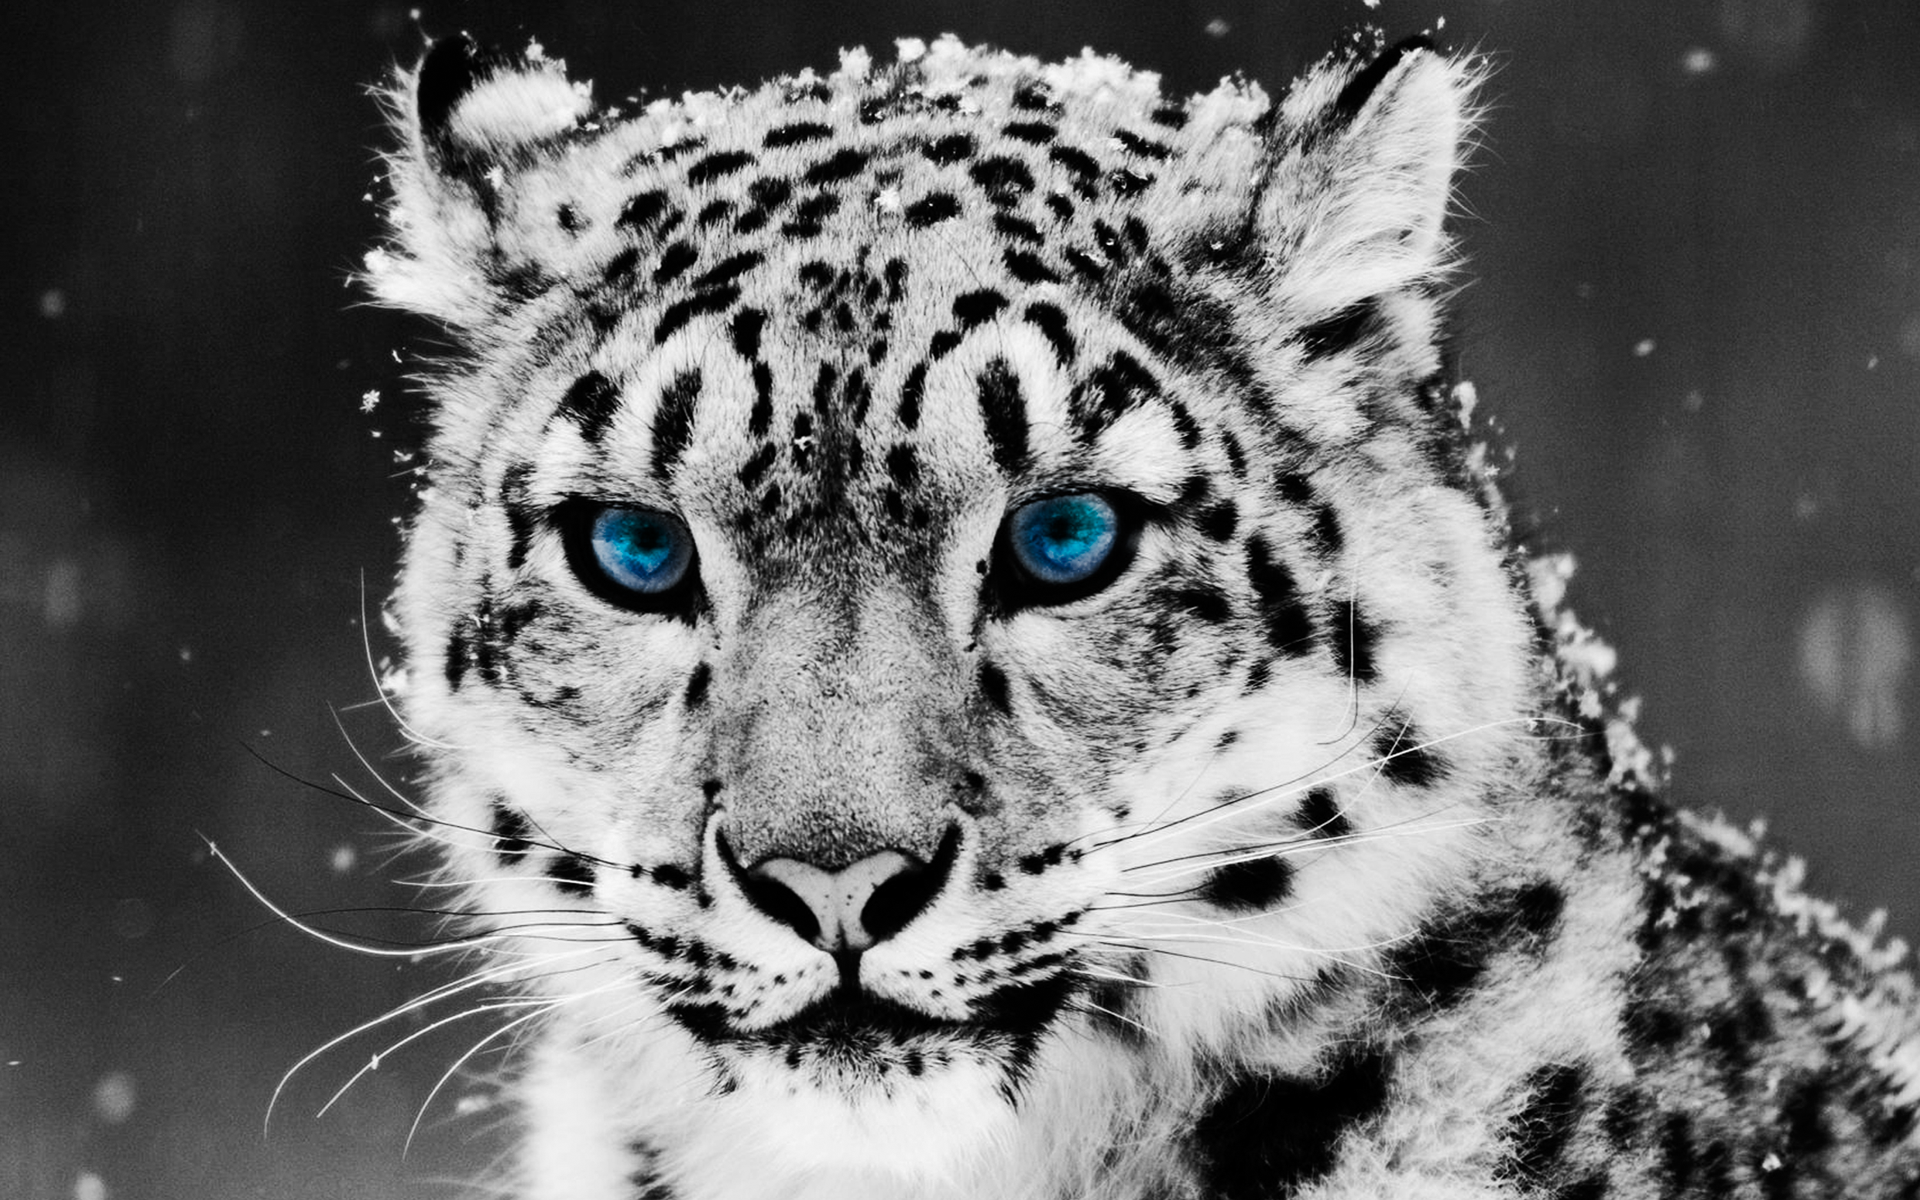 Животные - Снежный барс  Кот Милые Тигр Обои